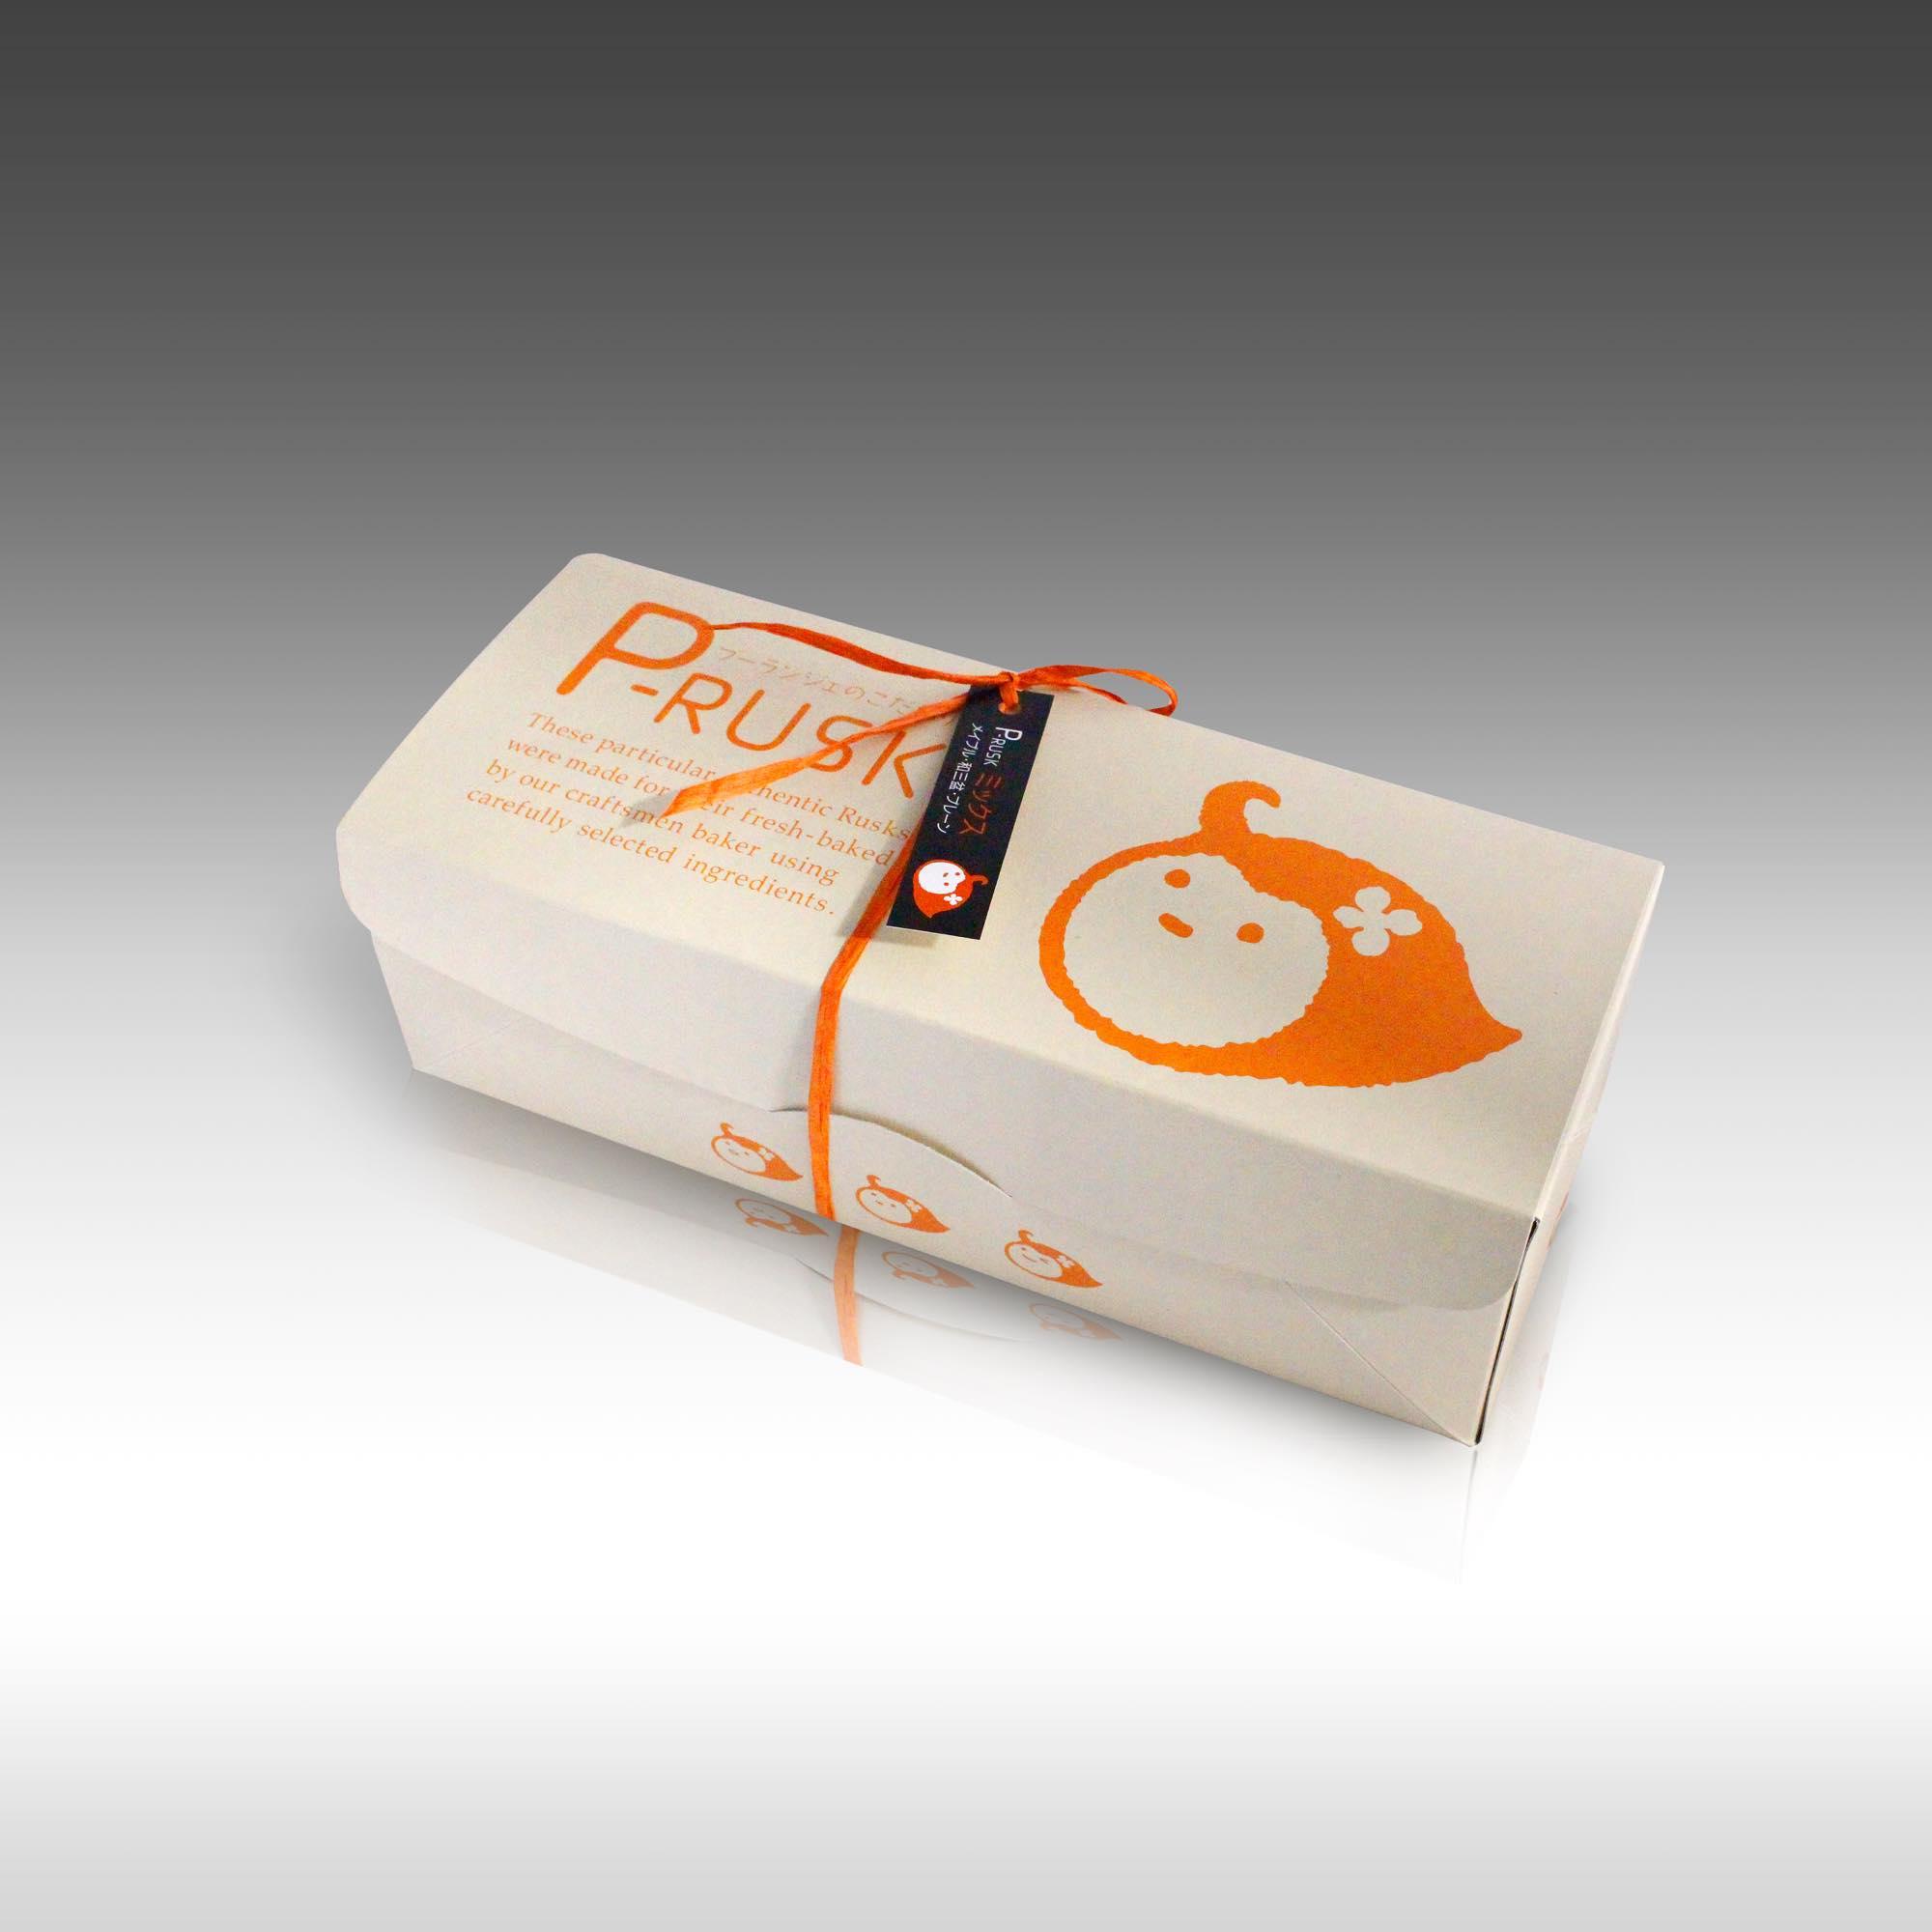 【パパベルさん「P-RUSK」開発秘話!ピーちゃんキャラクターの可愛いパッケージ】